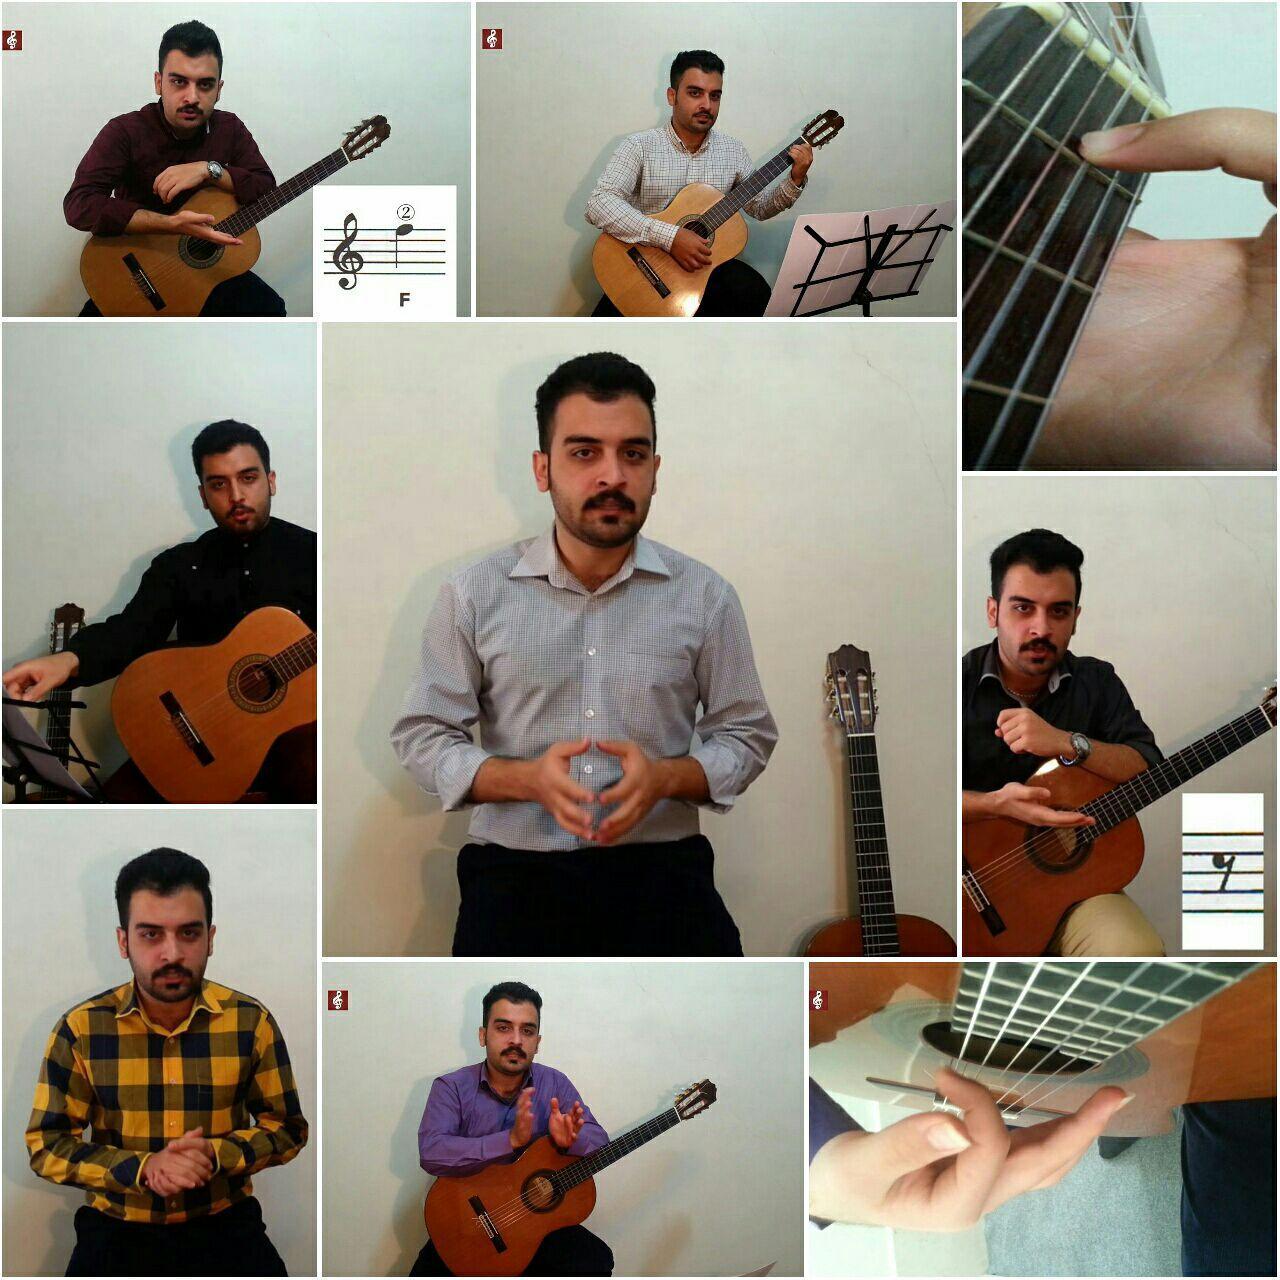 اجرای هنرآموز مجموعه صفر تا صد گیتار با علیرضا نصوحی آقای محمد صمدی